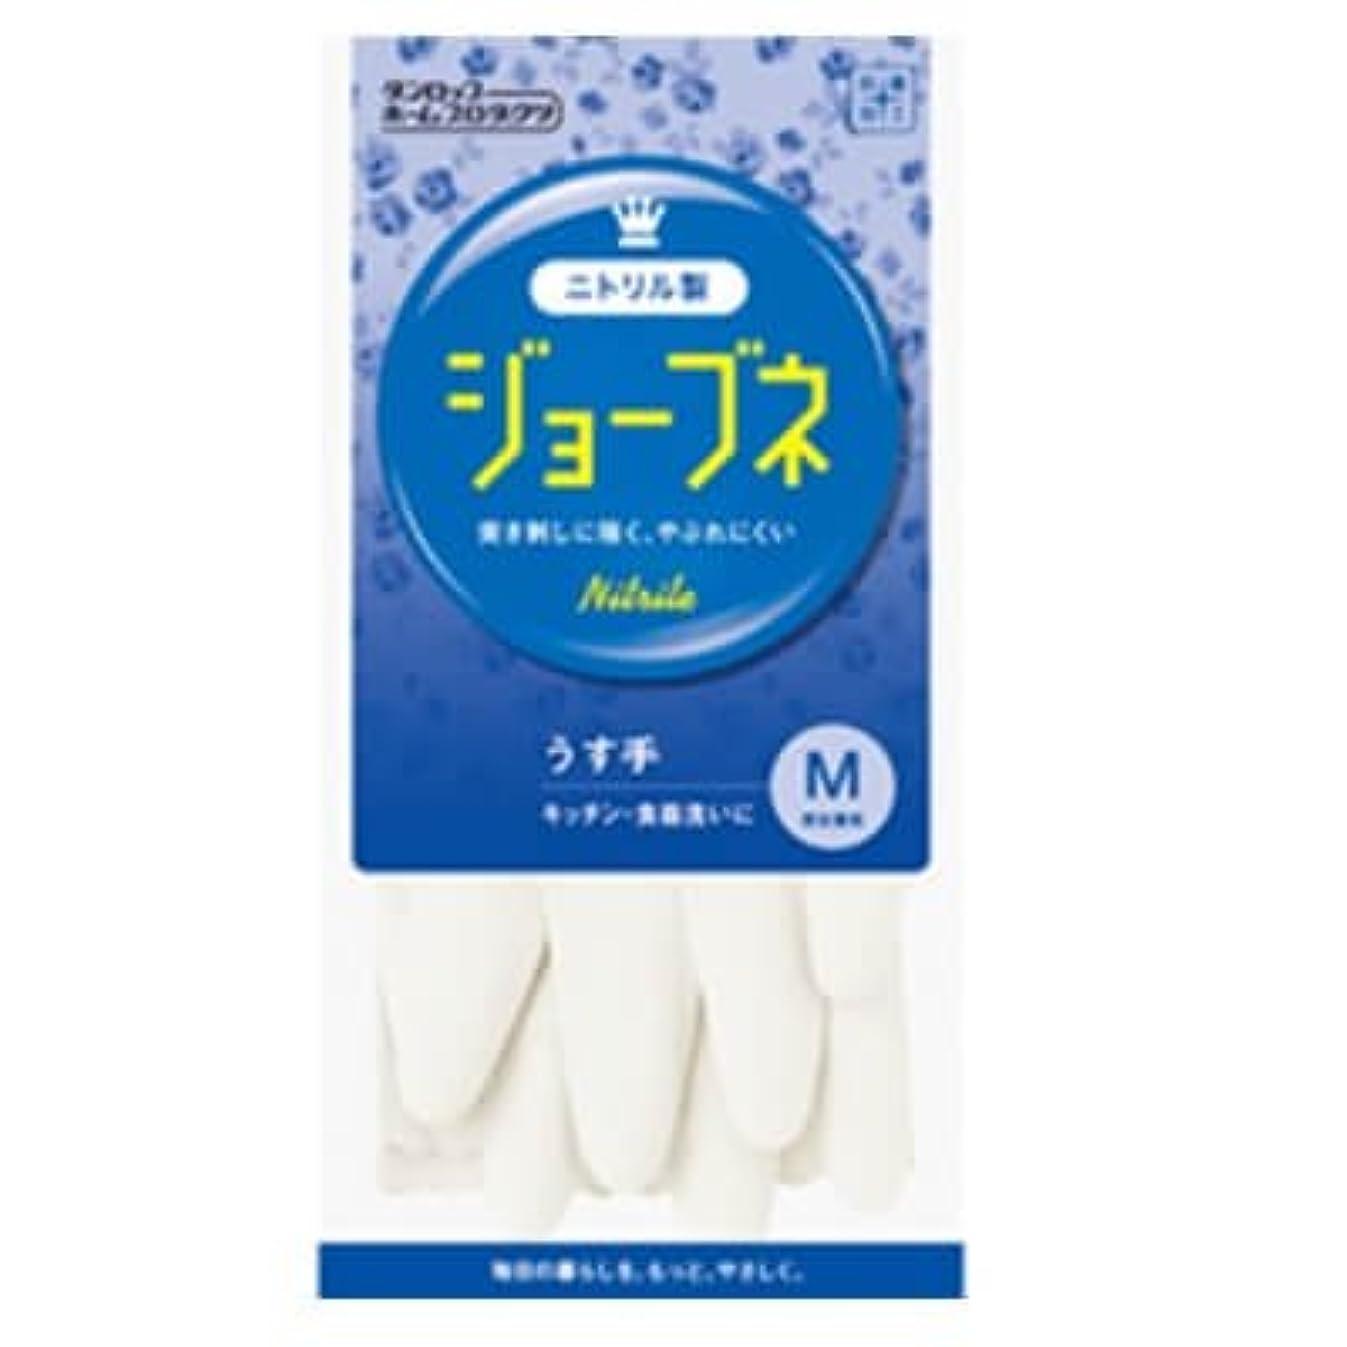 【ケース販売】 ダンロップ ジョーブネ うす手 M ホワイト (10双×24袋)